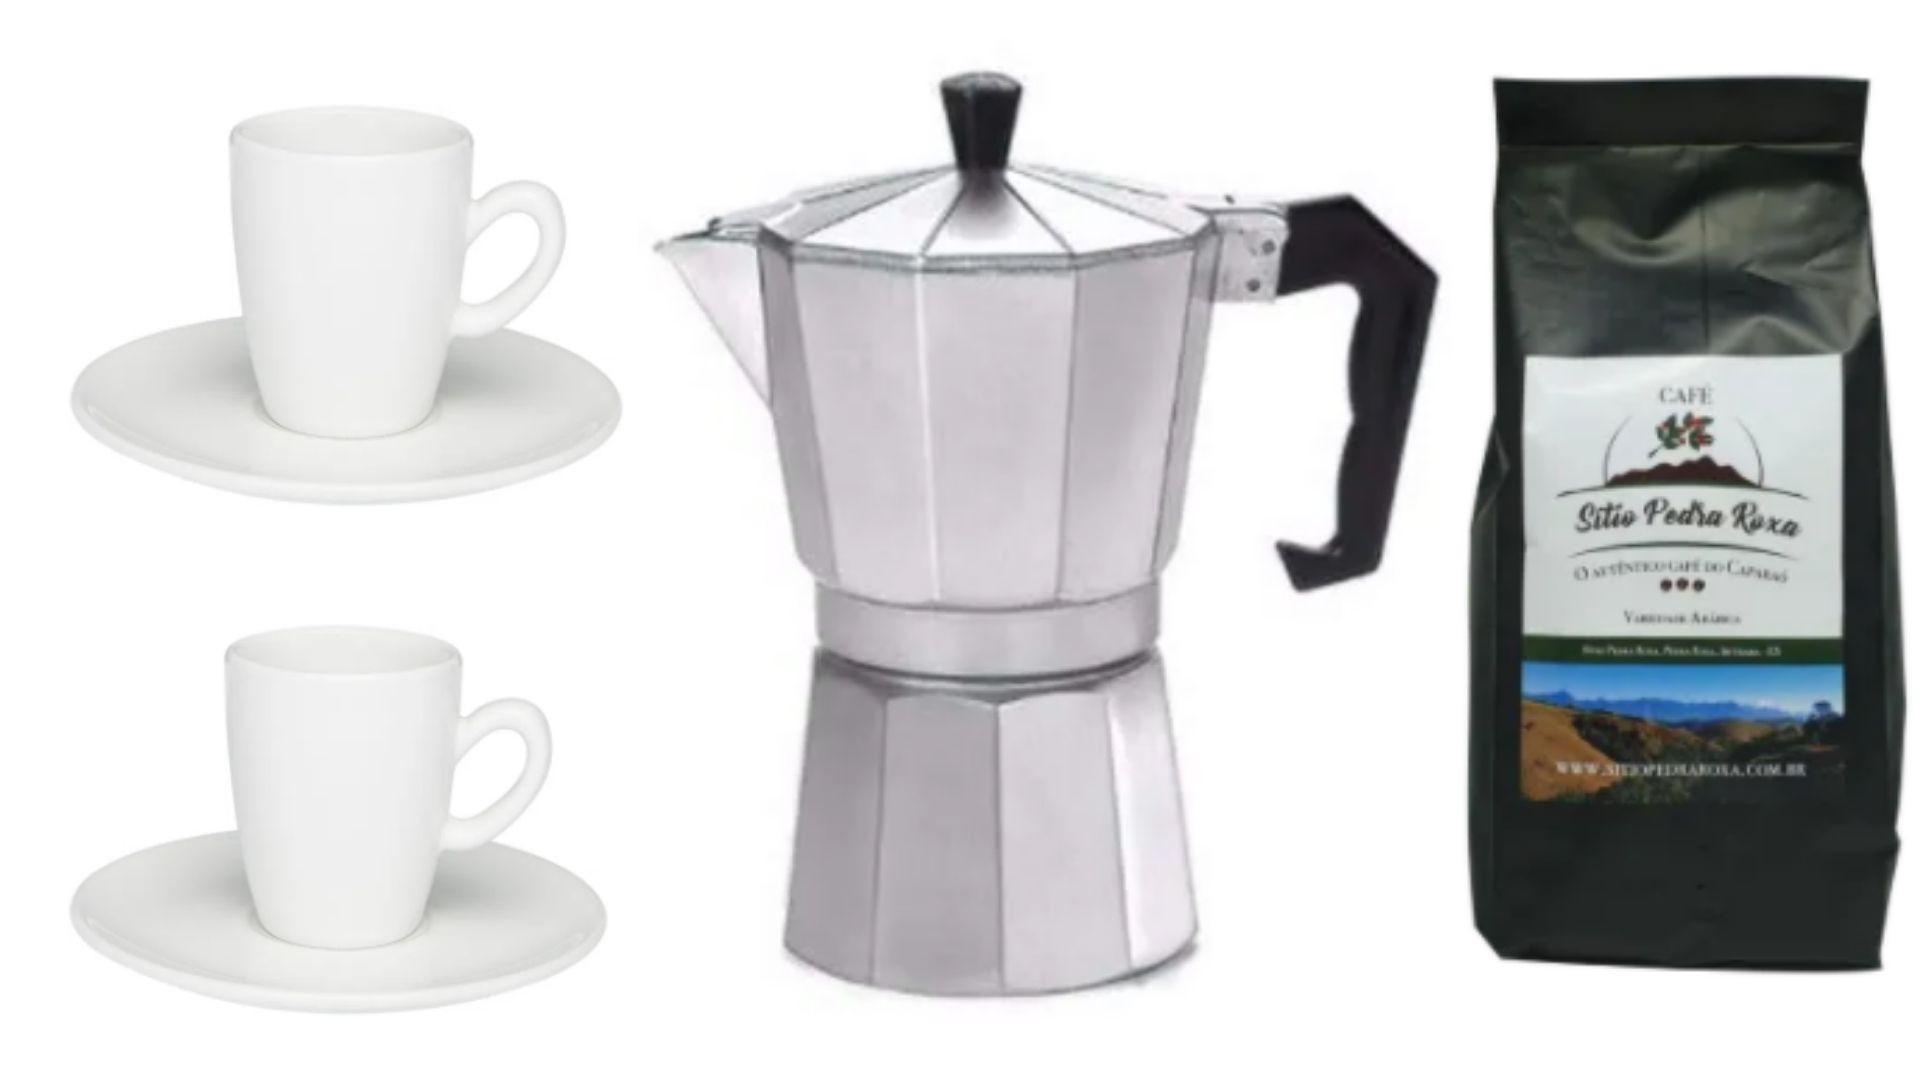 2 Xícaras para Expresso 1 Cafeteira Italiana para Expresso e 1 Café Pedra Roxa em grão